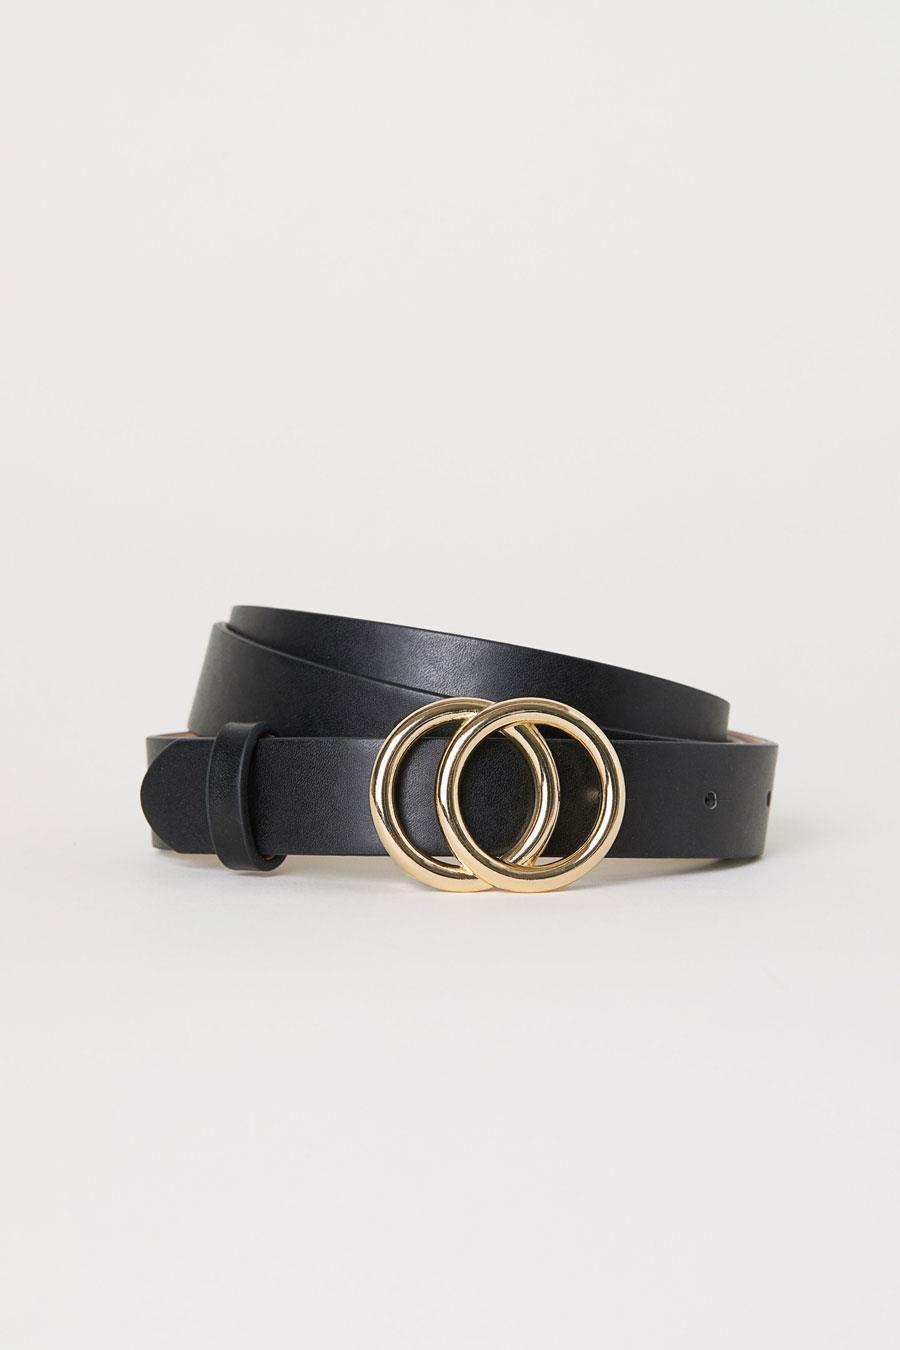 800469859f447 accesorios-de-moda-cinturon-gucci-low-cost-H M.